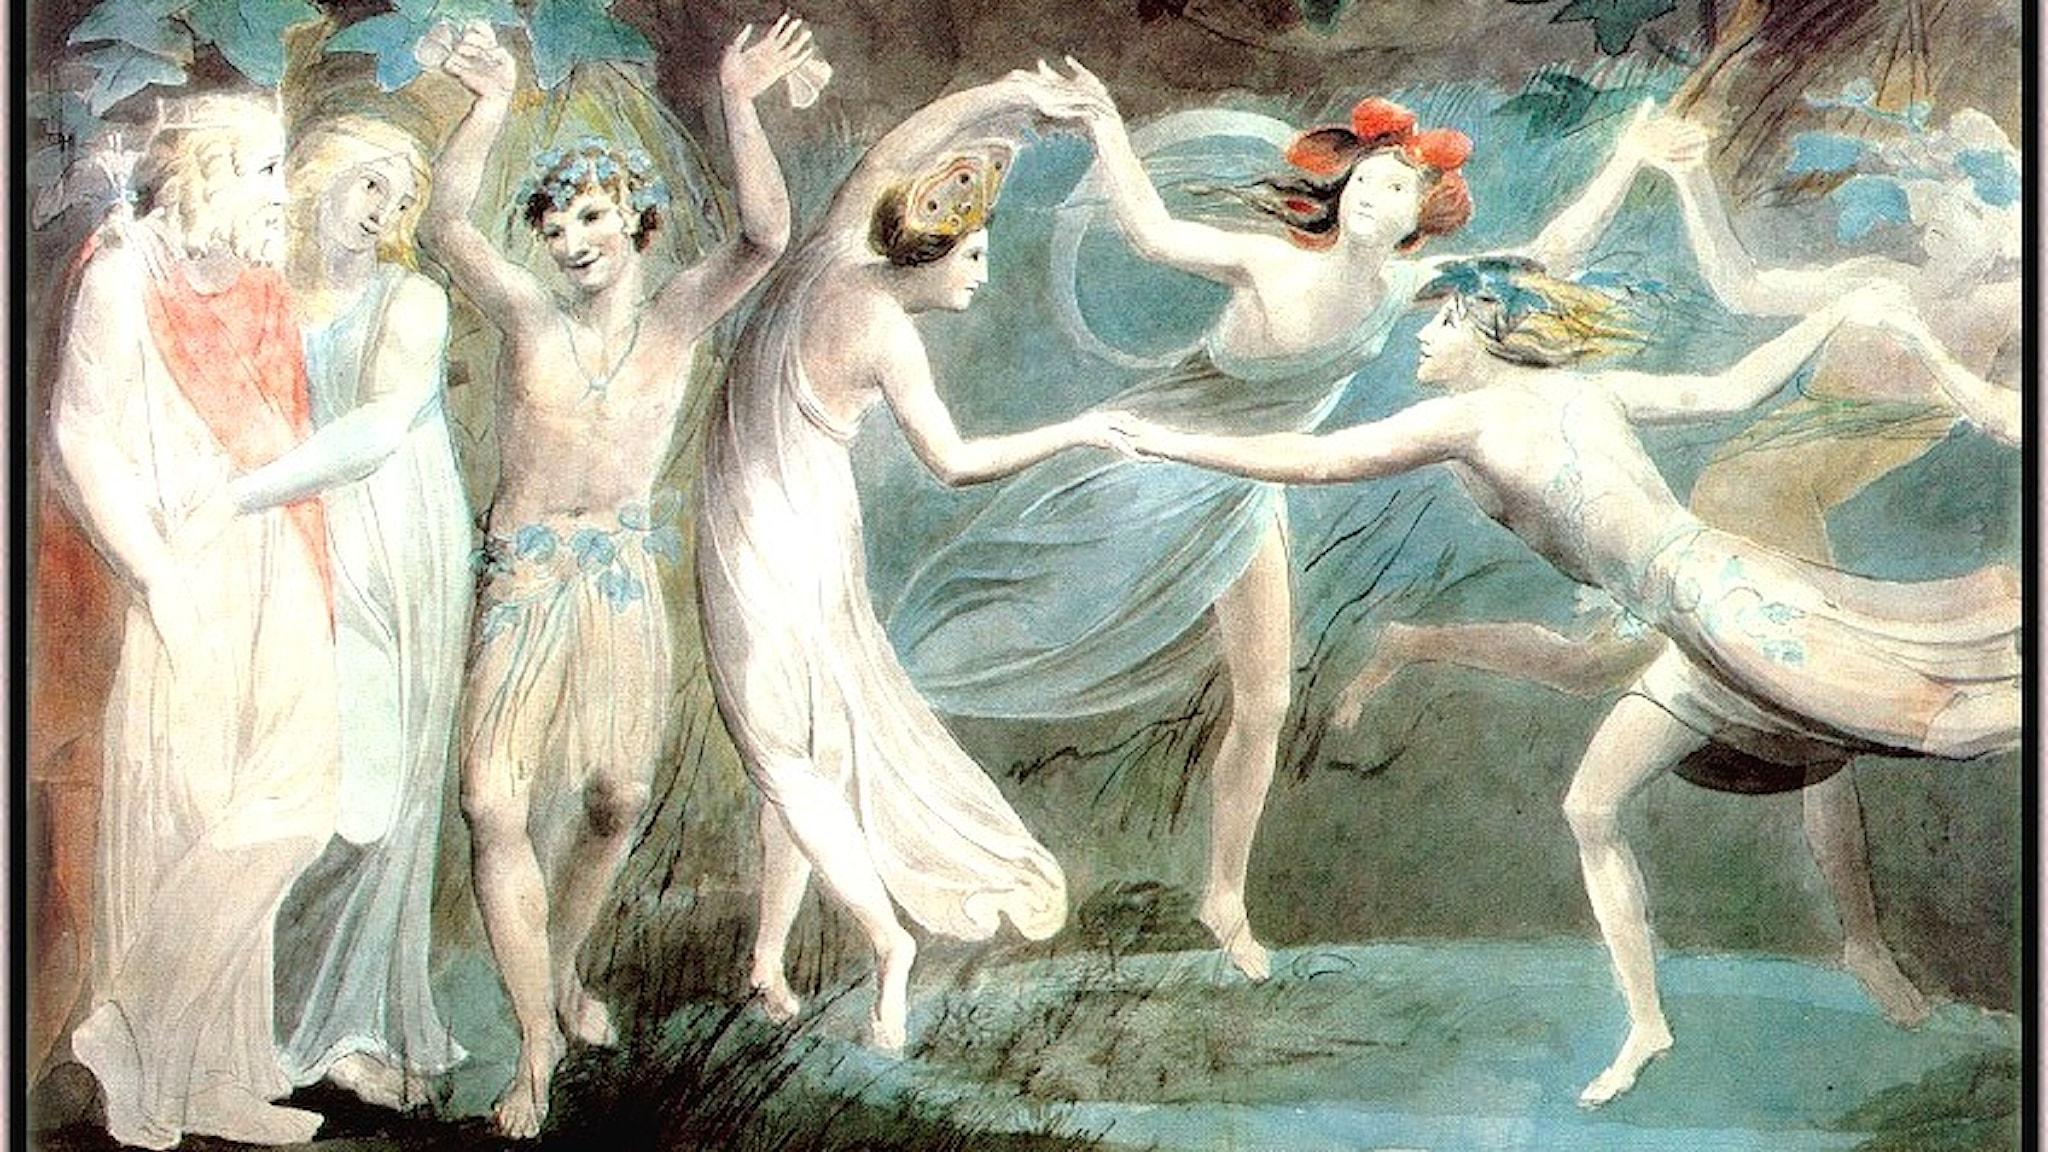 Oberon, Titania och Puck dansar med älvor (William Blake, 1786).